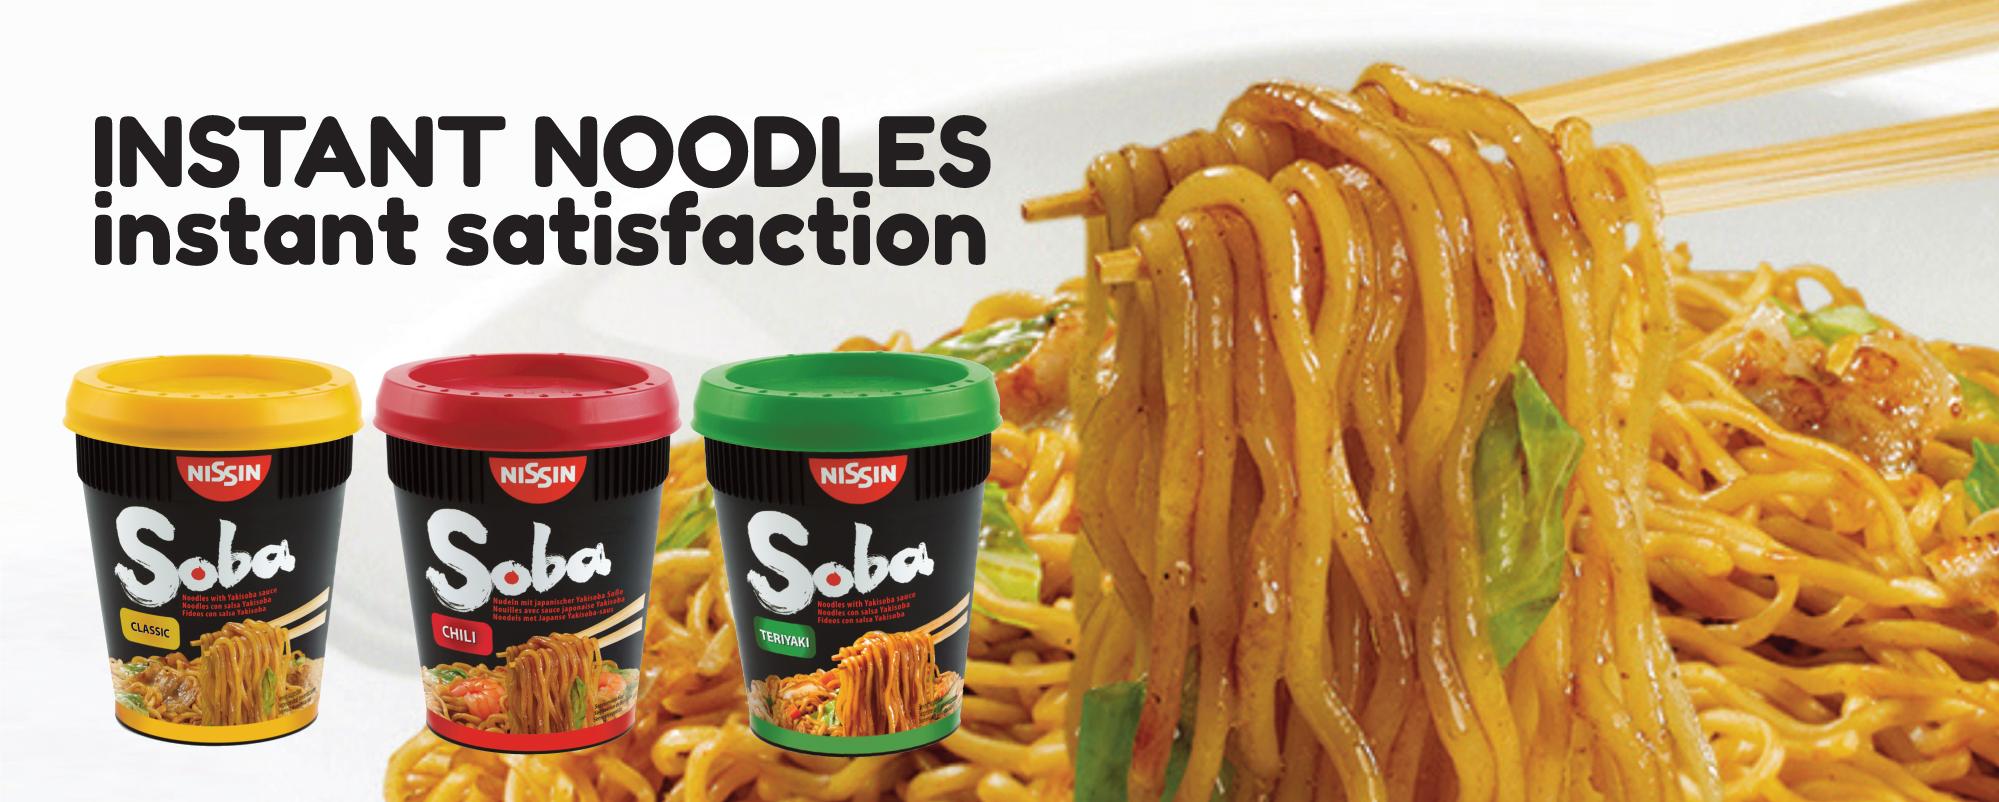 Nissin Soba Noodles